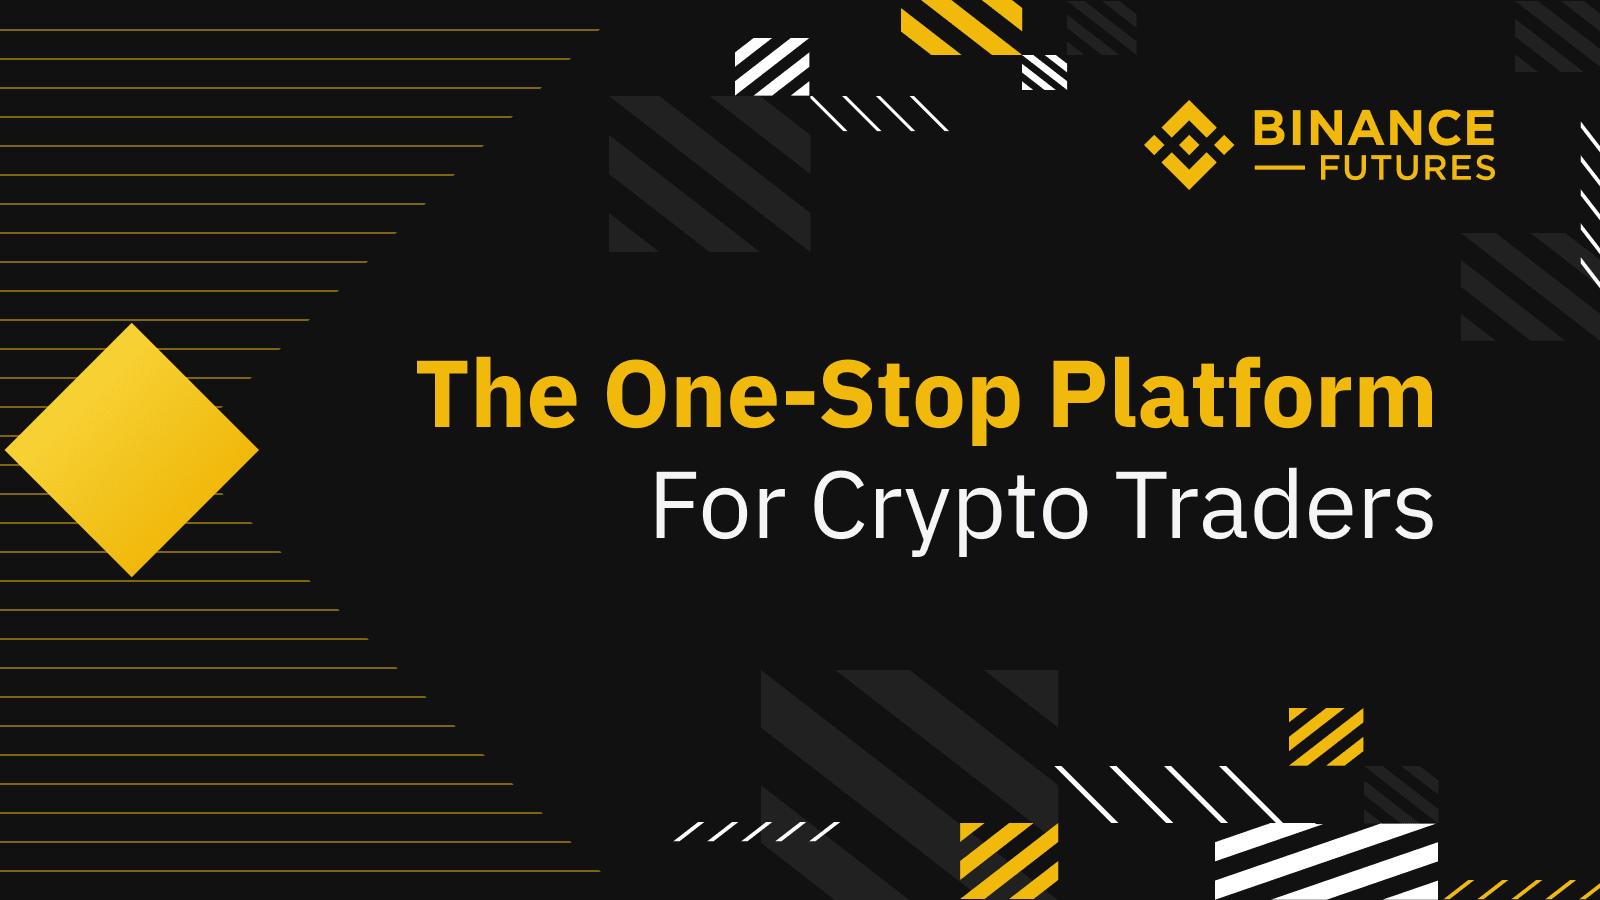 unser bestes online depot im profi test binanca crypto trader